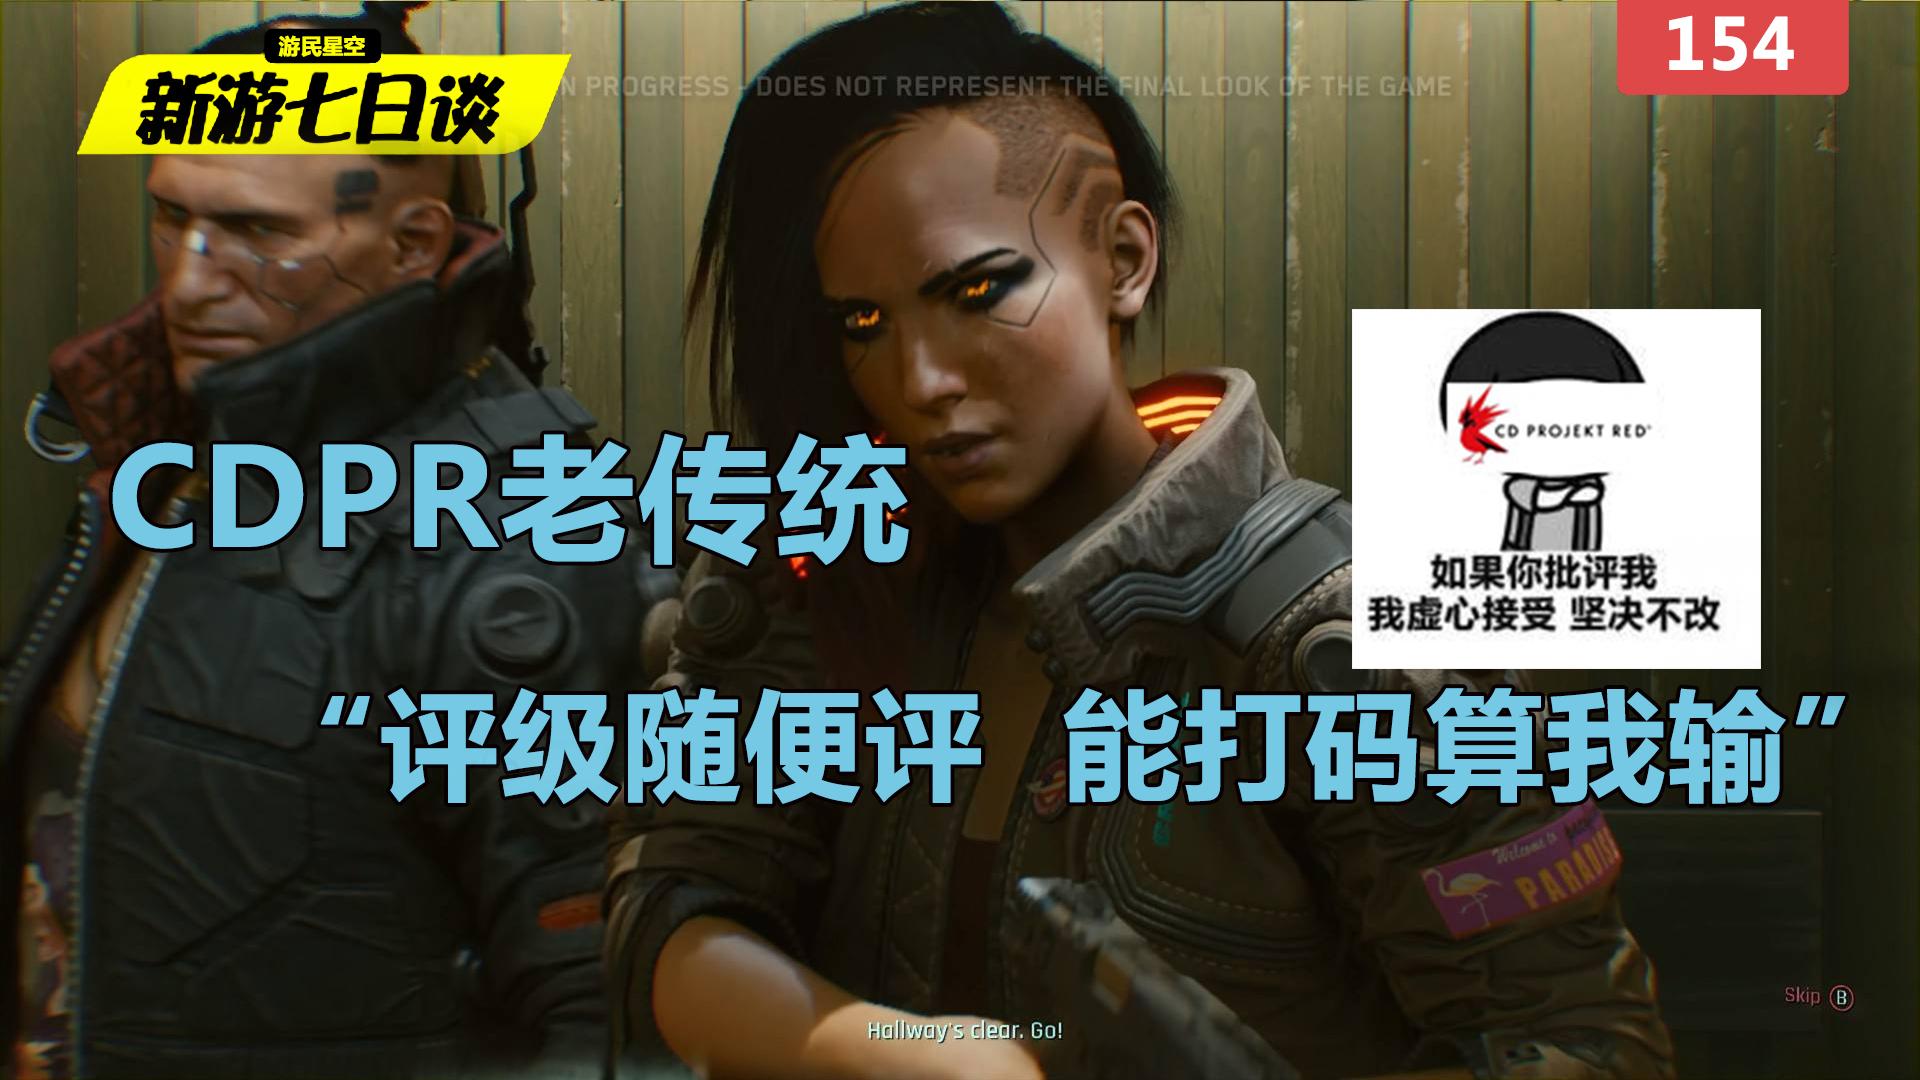 """新游七日谈:CDPR老传统 """"评级随便评  打码算我输"""""""